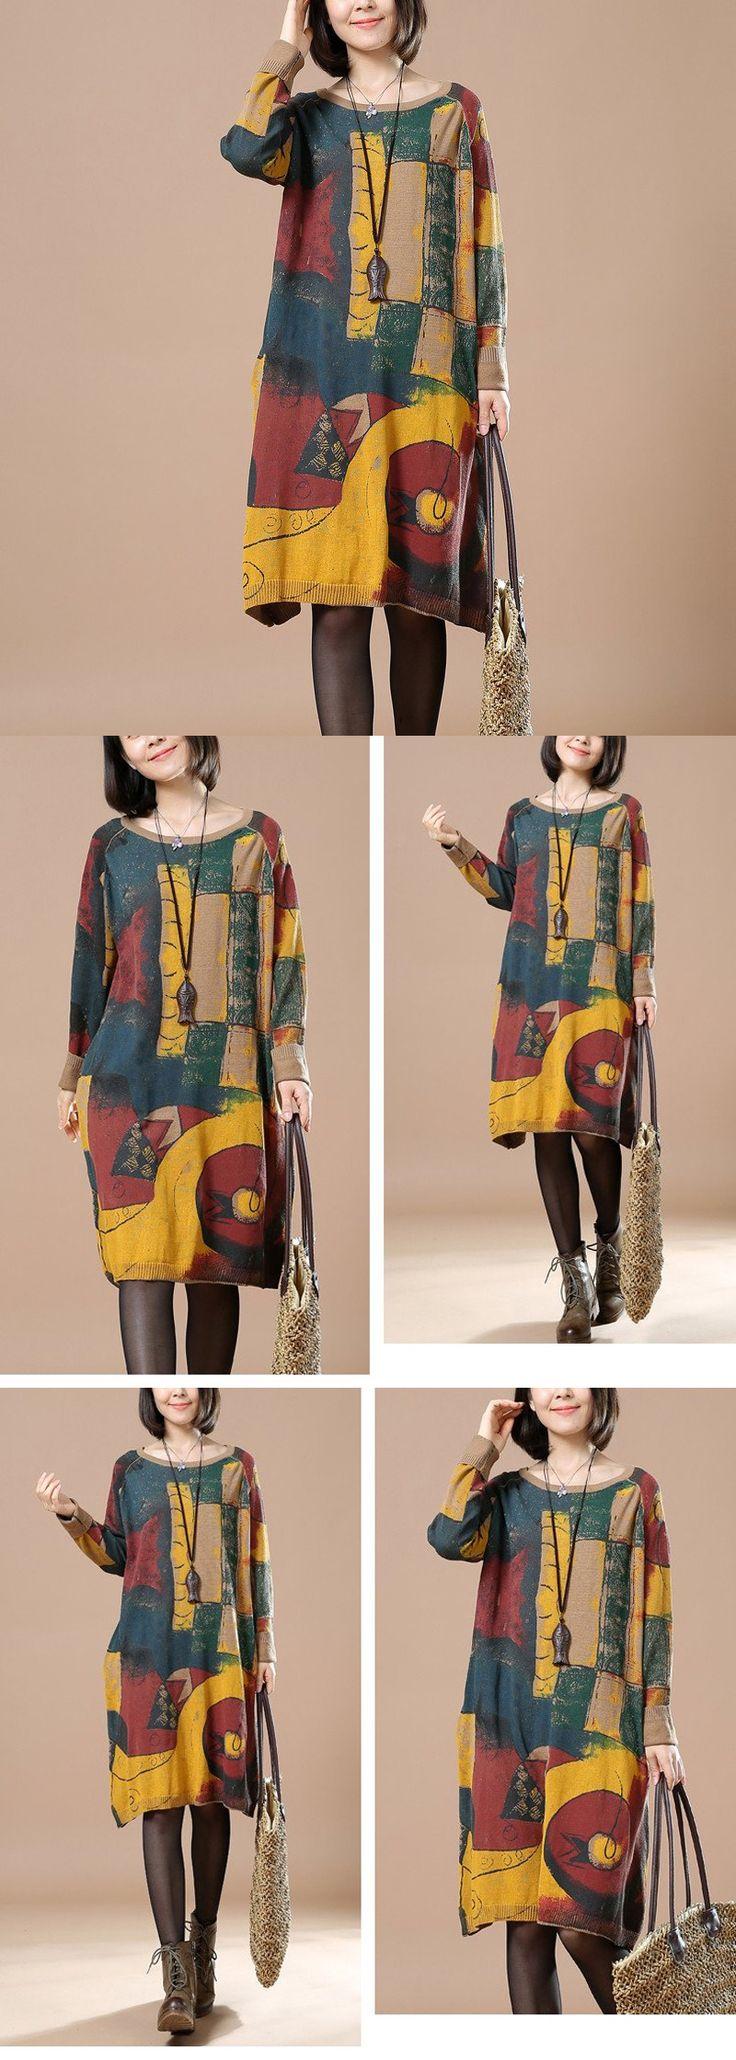 Women abstract pattern printed  long sleeve sweater dress.sooo vintage look.